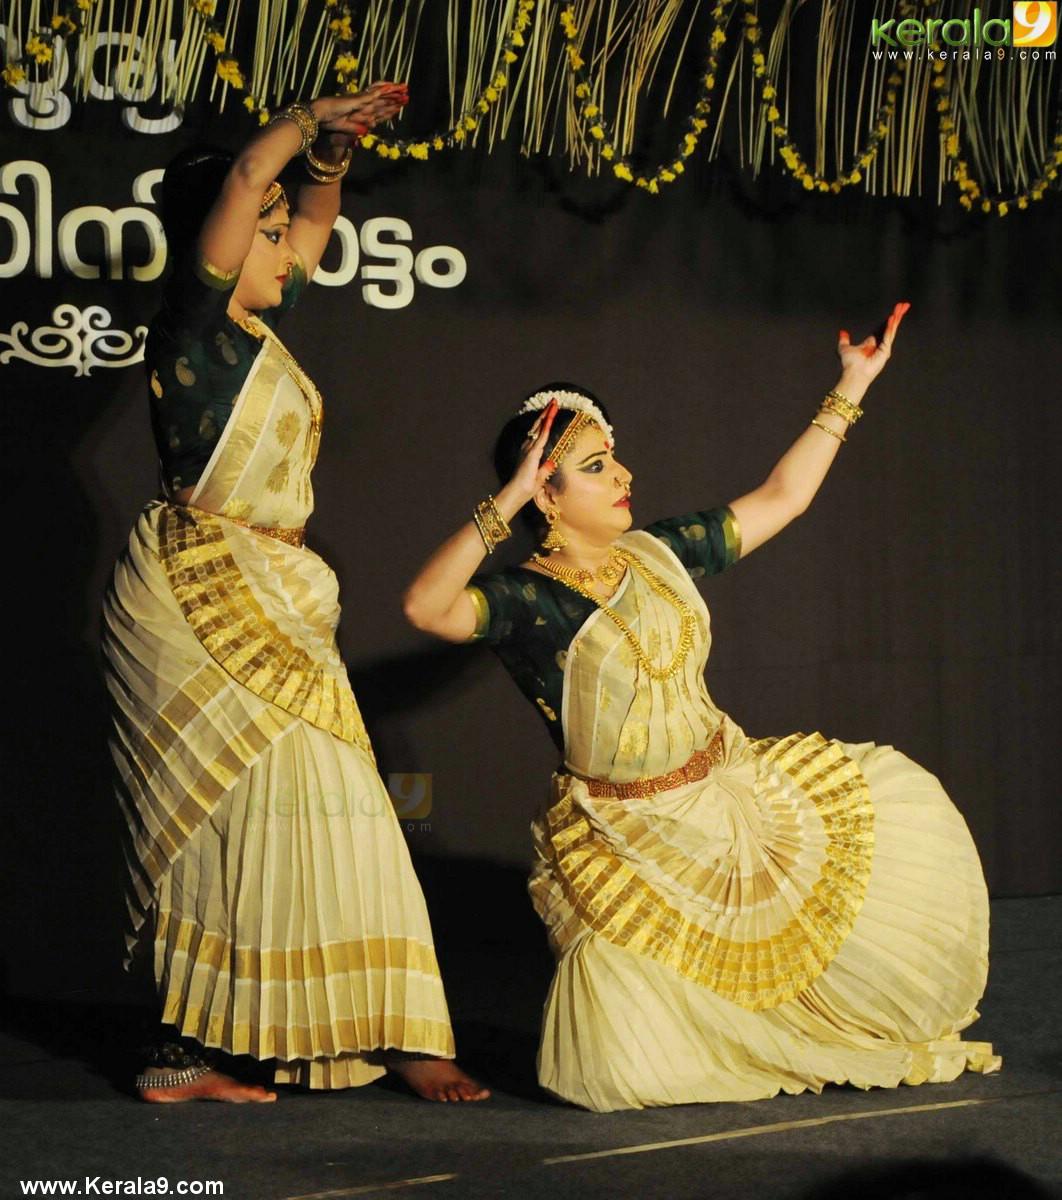 soorya dance and music festival 2016 photos 100 056